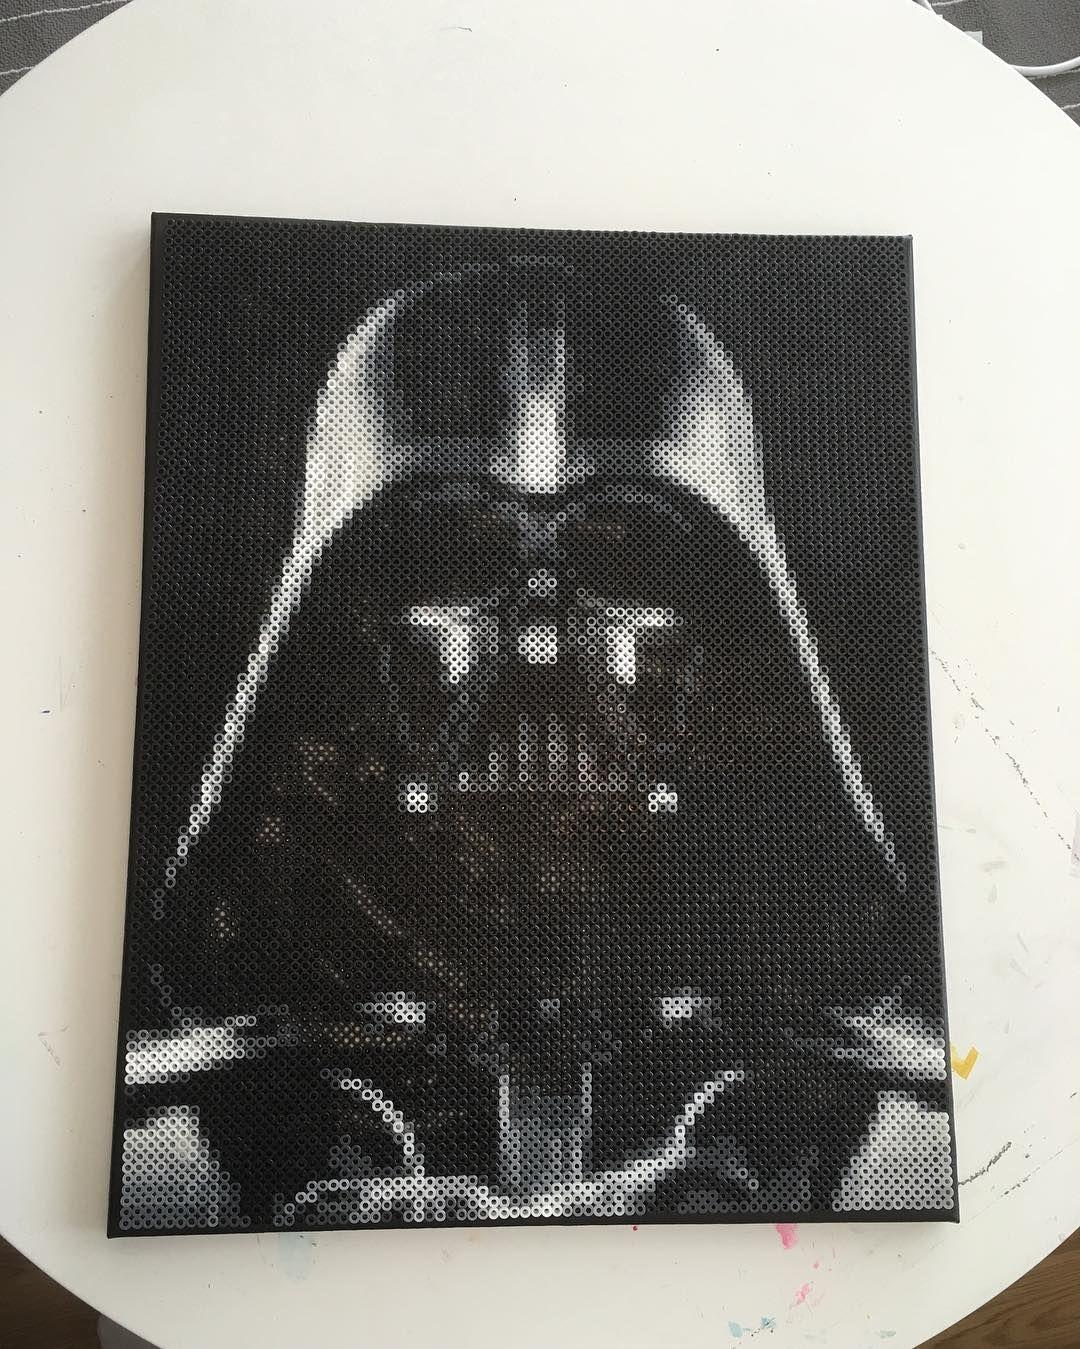 Perler Beads Star Wars Darth Vader Stormtrooper Obi Wan Kenobi